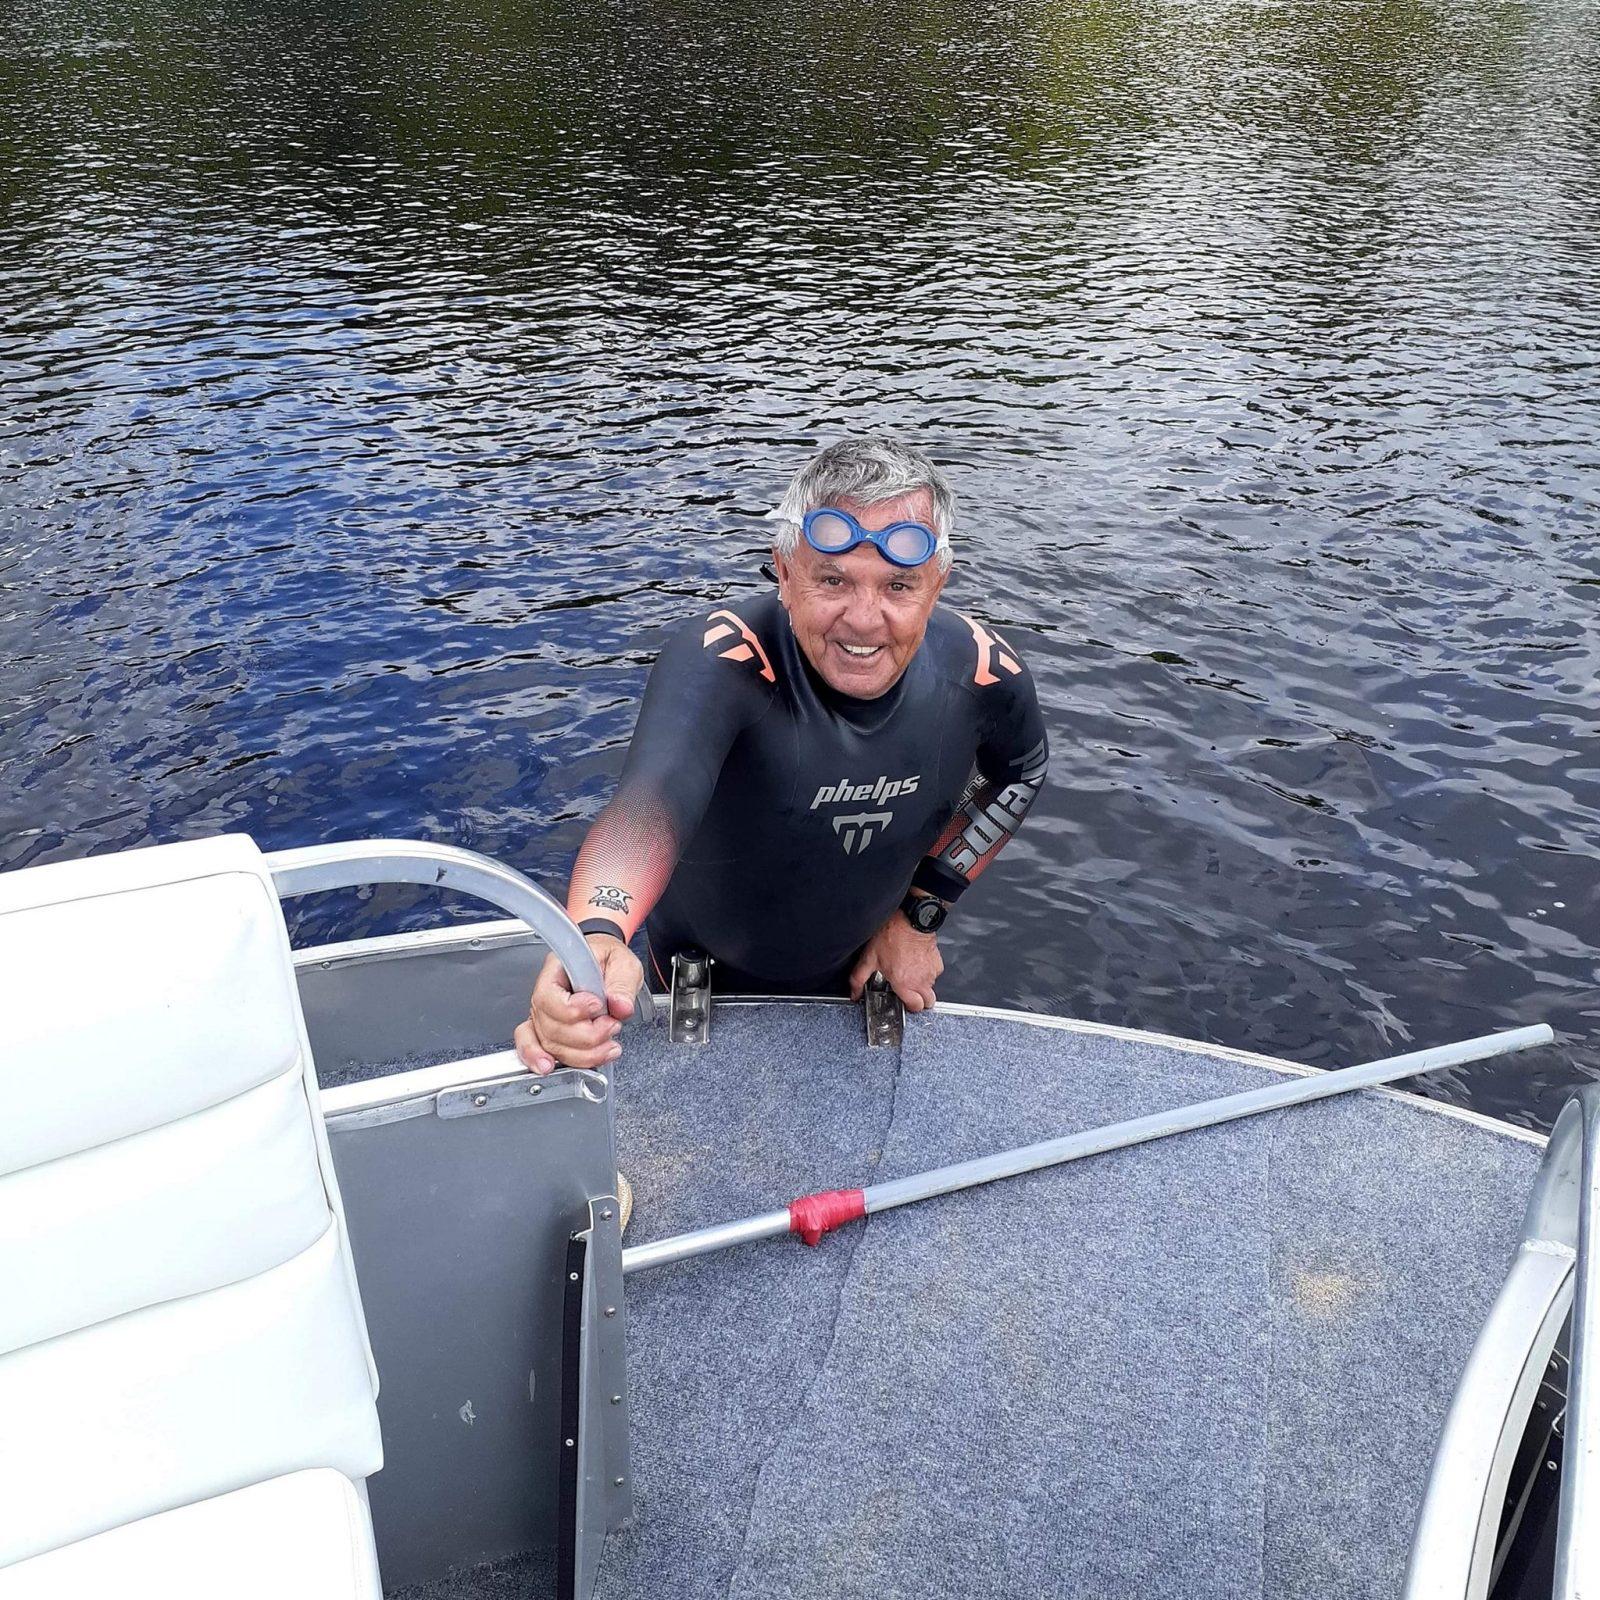 Traversée du lac Saint-Jean à la nage: Jacques a réalisé son rêve d'enfant